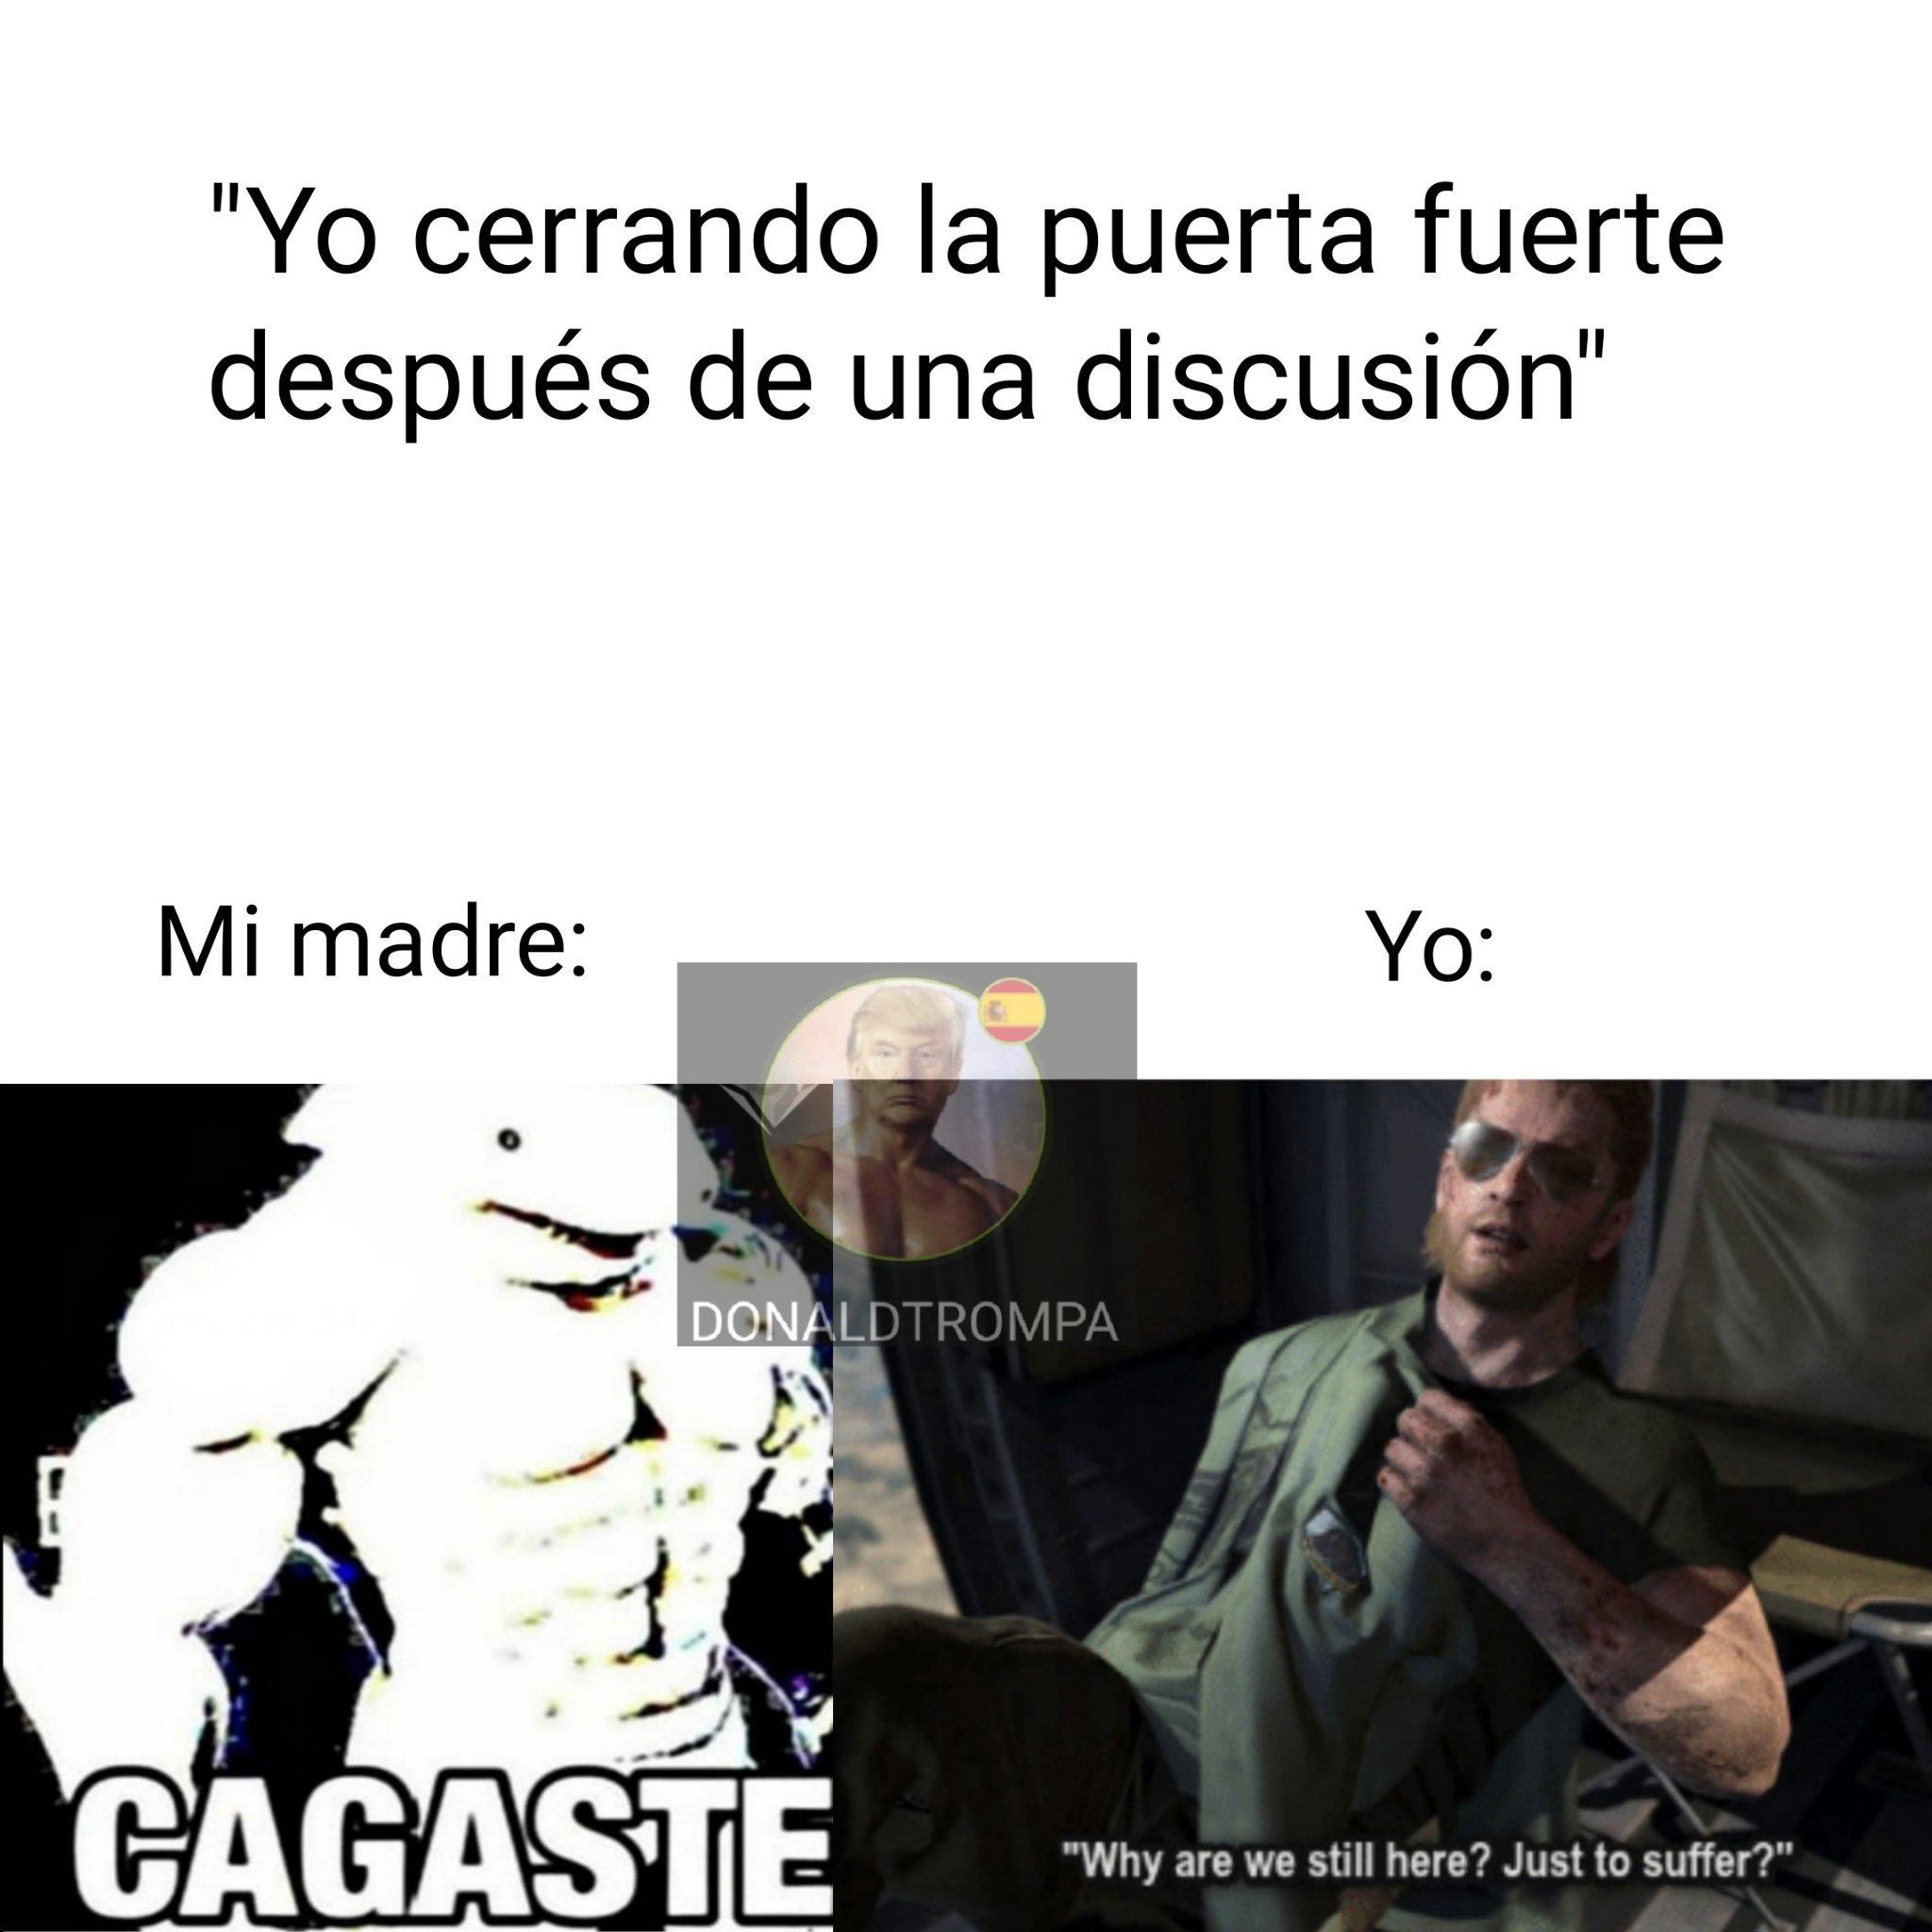 El meme la cago